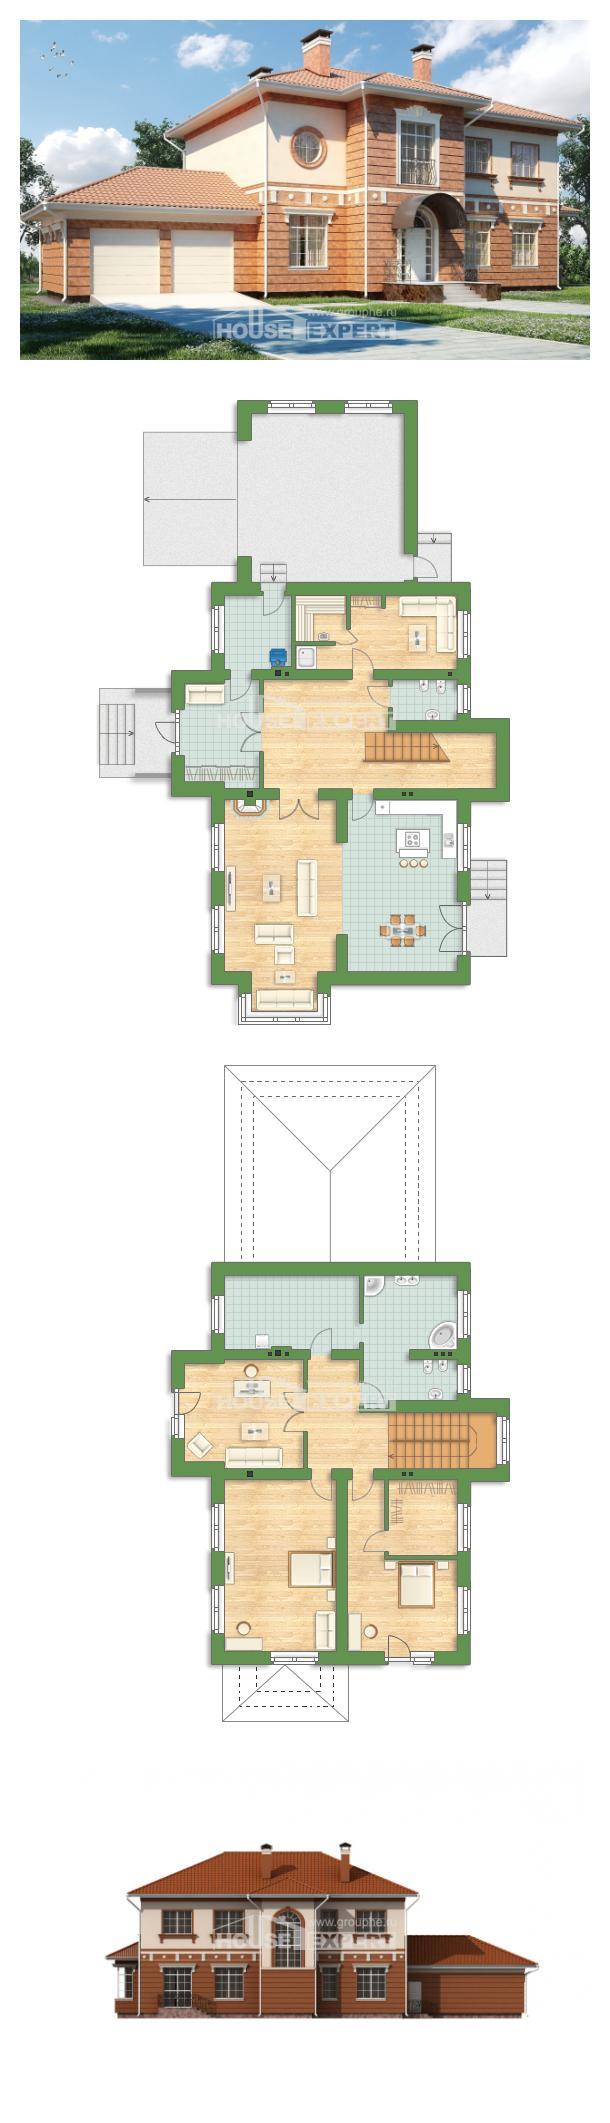 Plan 285-001-L   House Expert